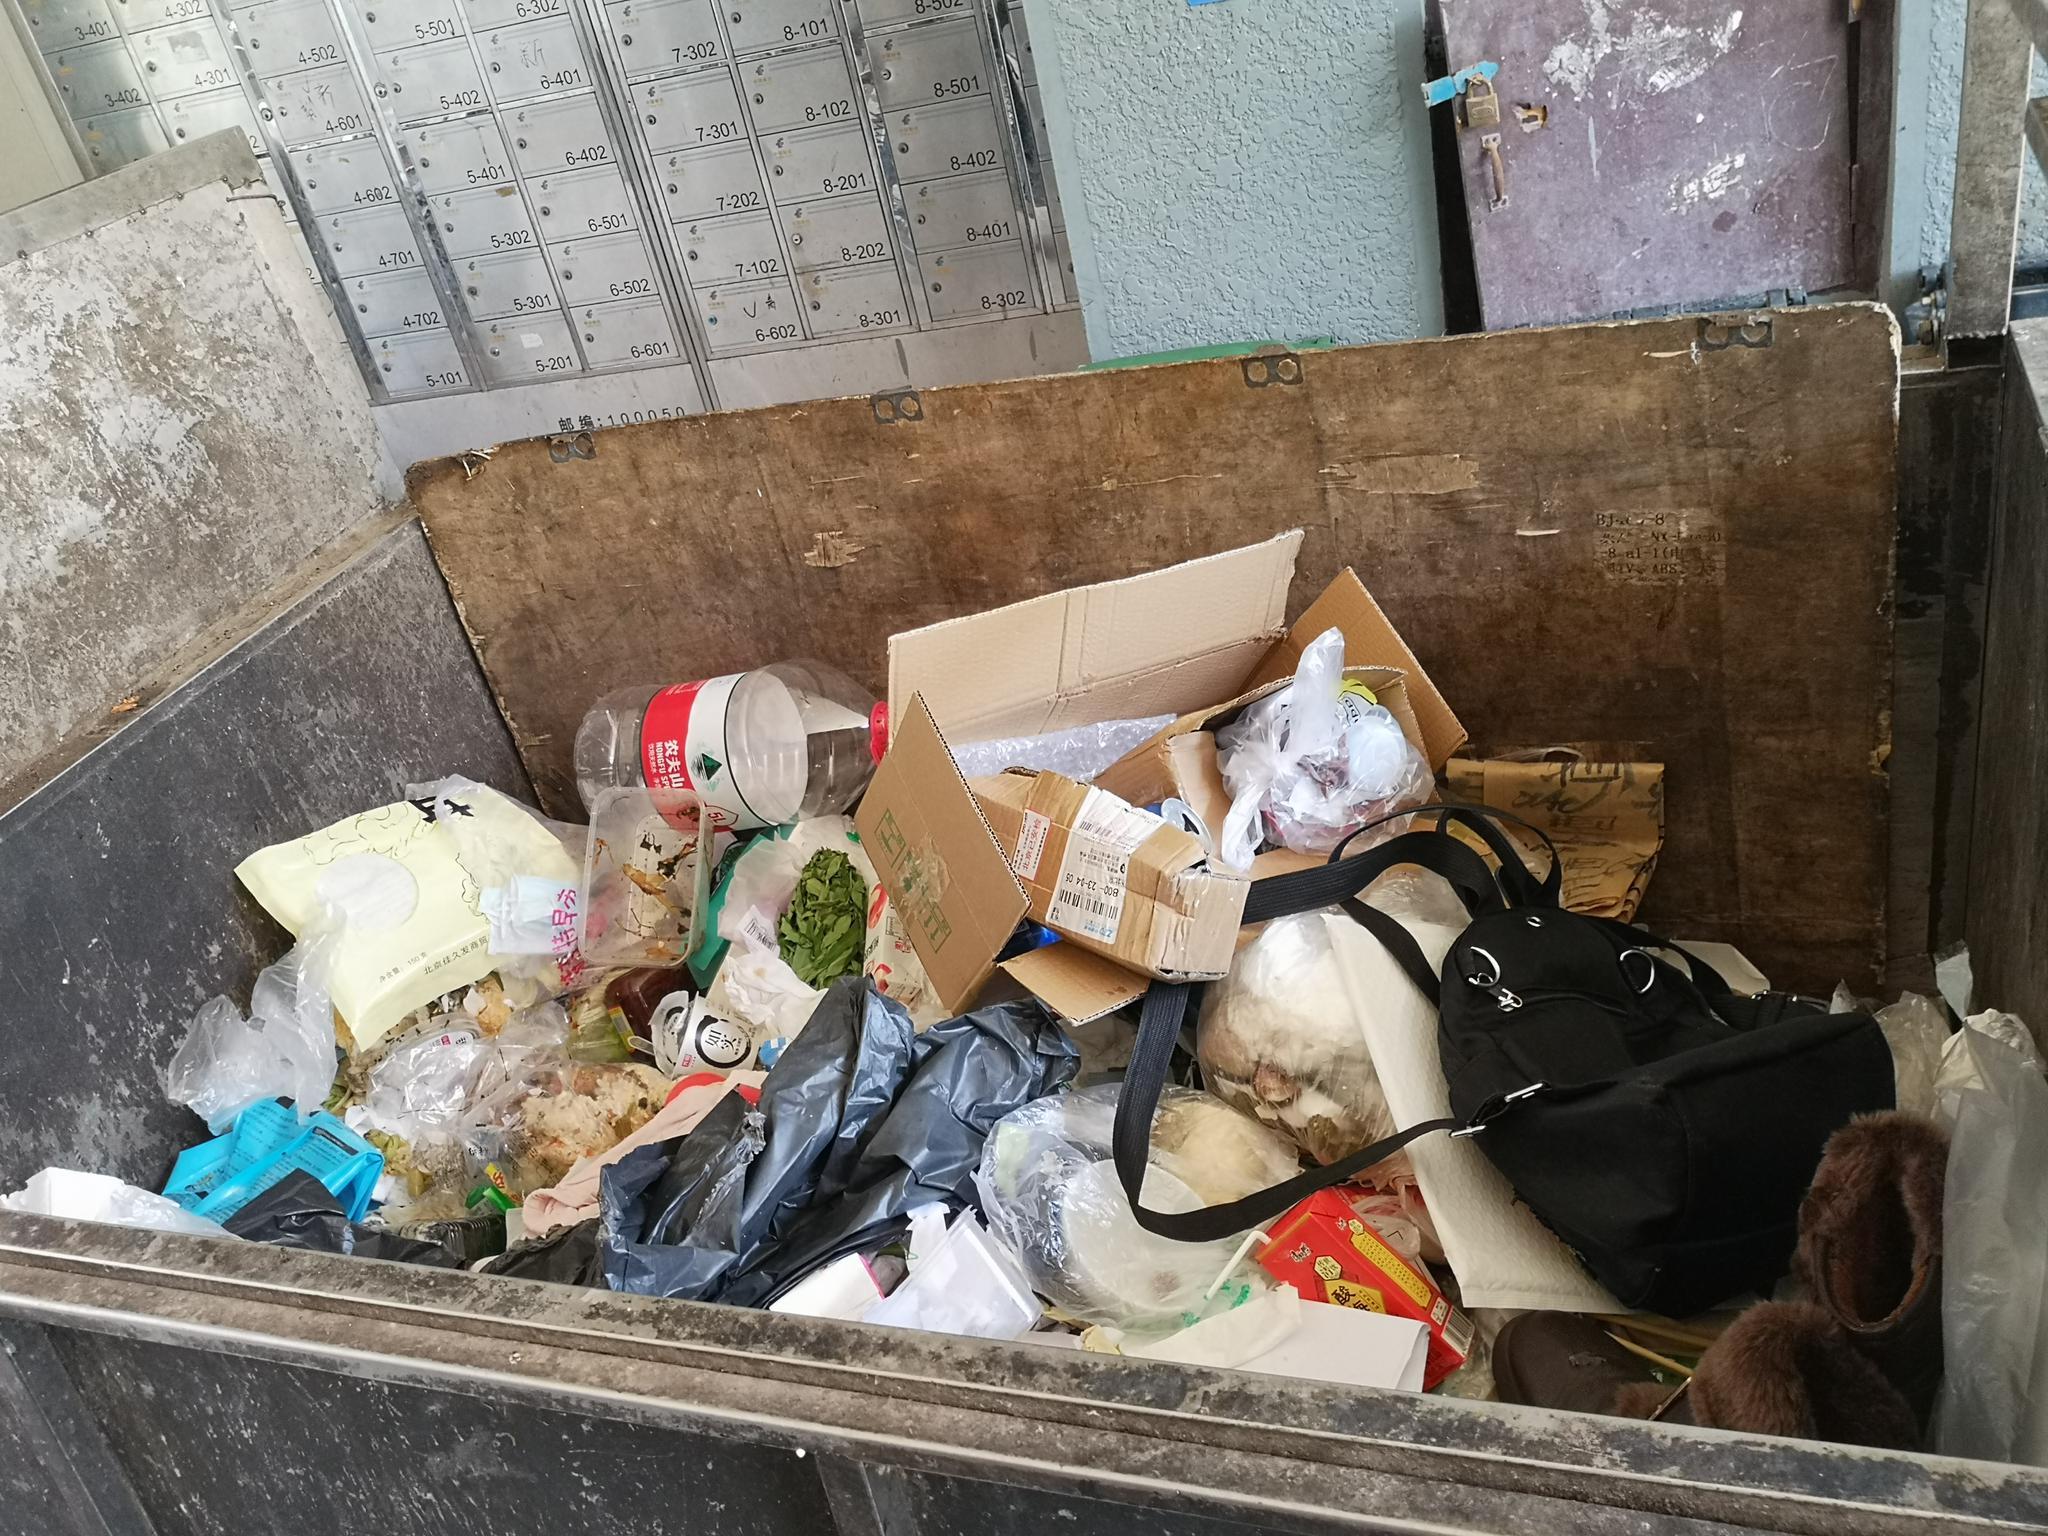 摩登4平台,北京摩登4平台多社区垃圾分类未落地图片